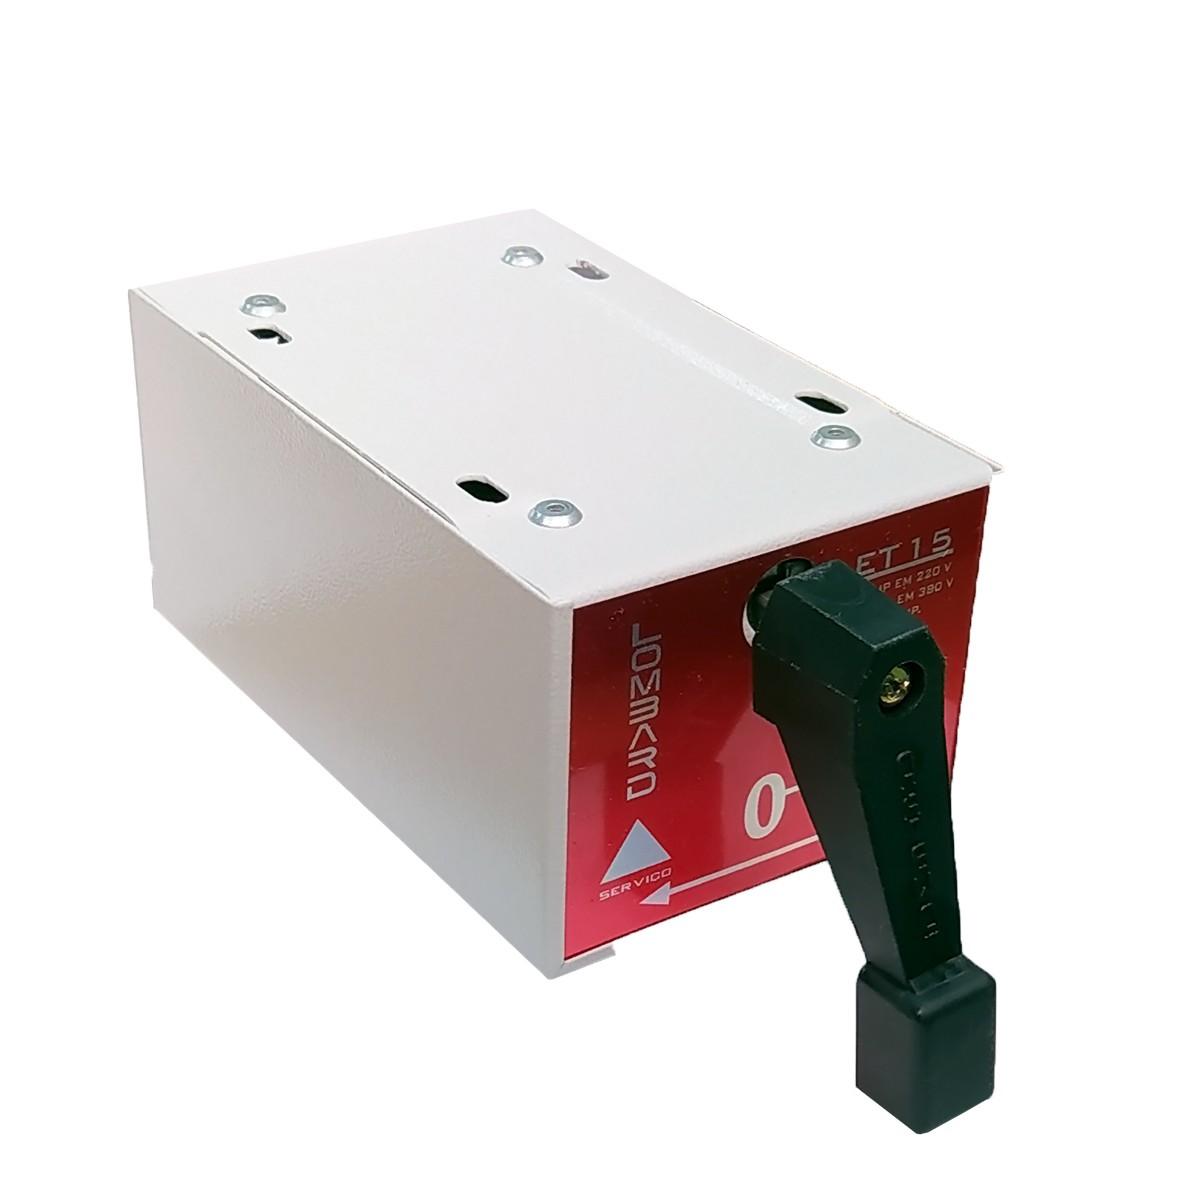 Chave Monofásica Série Paralela 5 Hp cV 220V Msp-110 Lombard